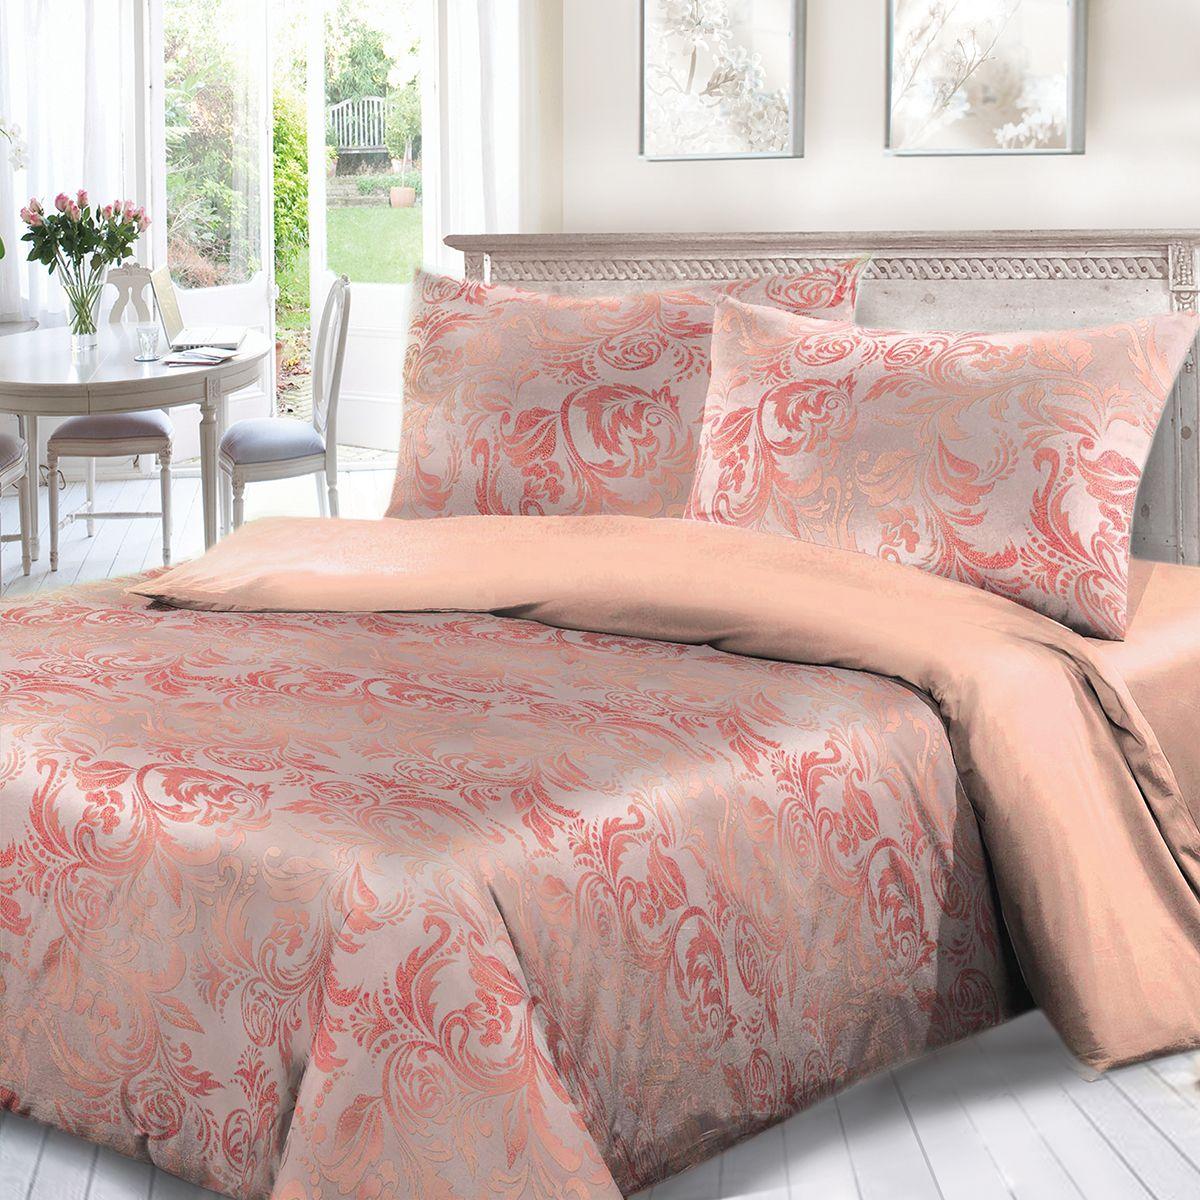 Комплект белья Сорренто Мажор, 2-х спальное, наволочки 70x70, цвет: розовый. 3963-180266